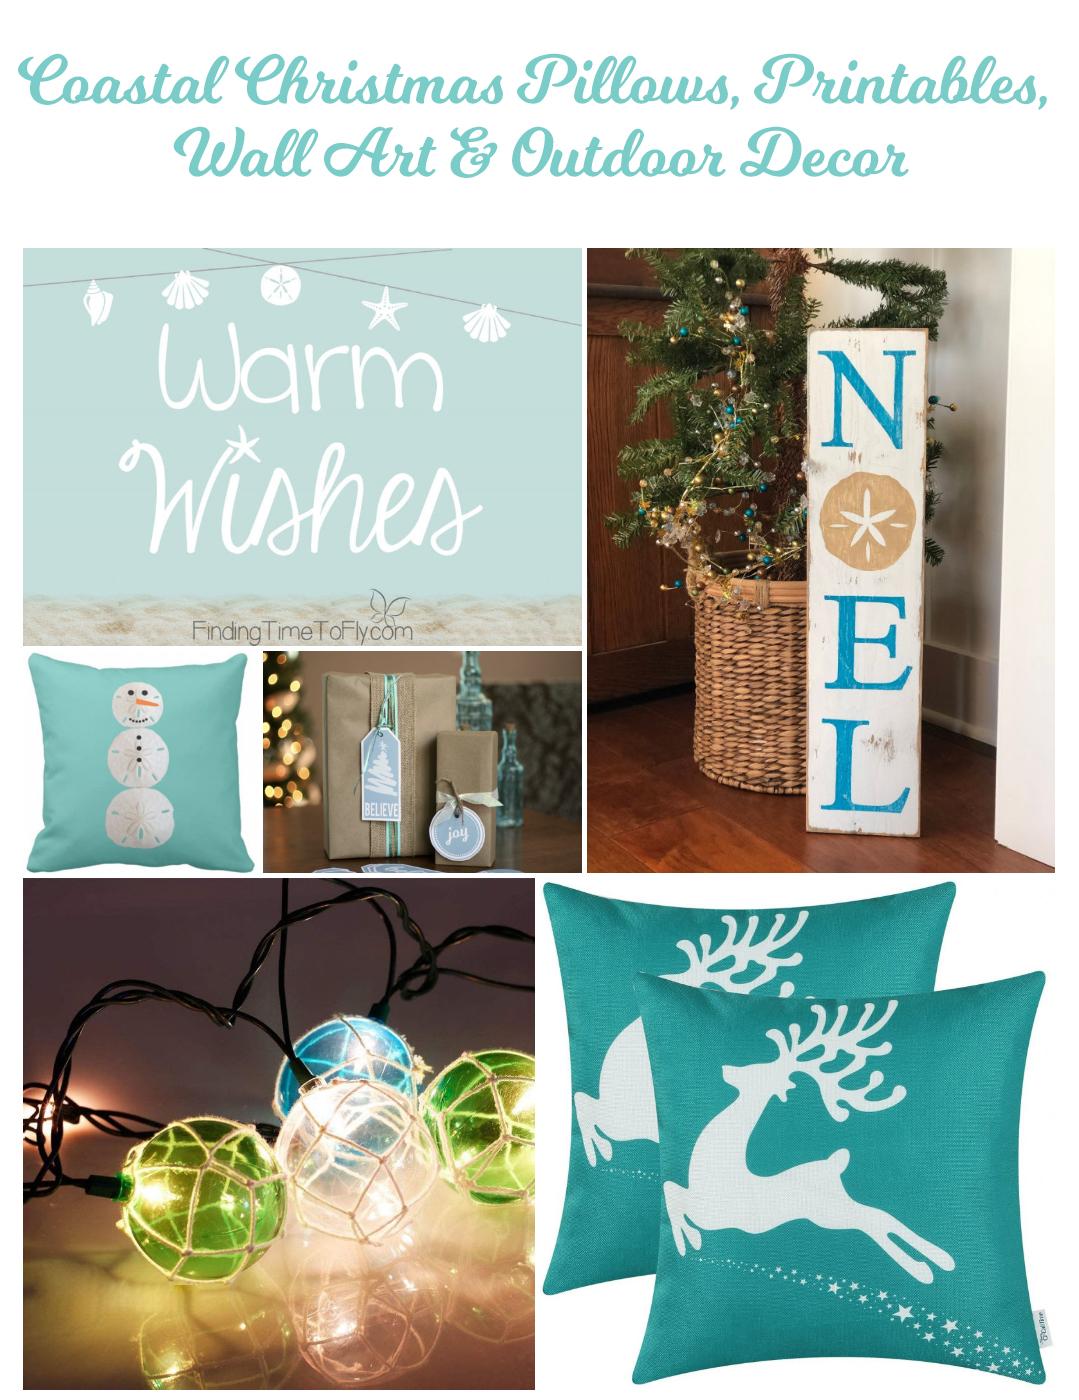 100 Coastal Christmas Decor Ideas - Wall Art Printables Pillows Outdoor